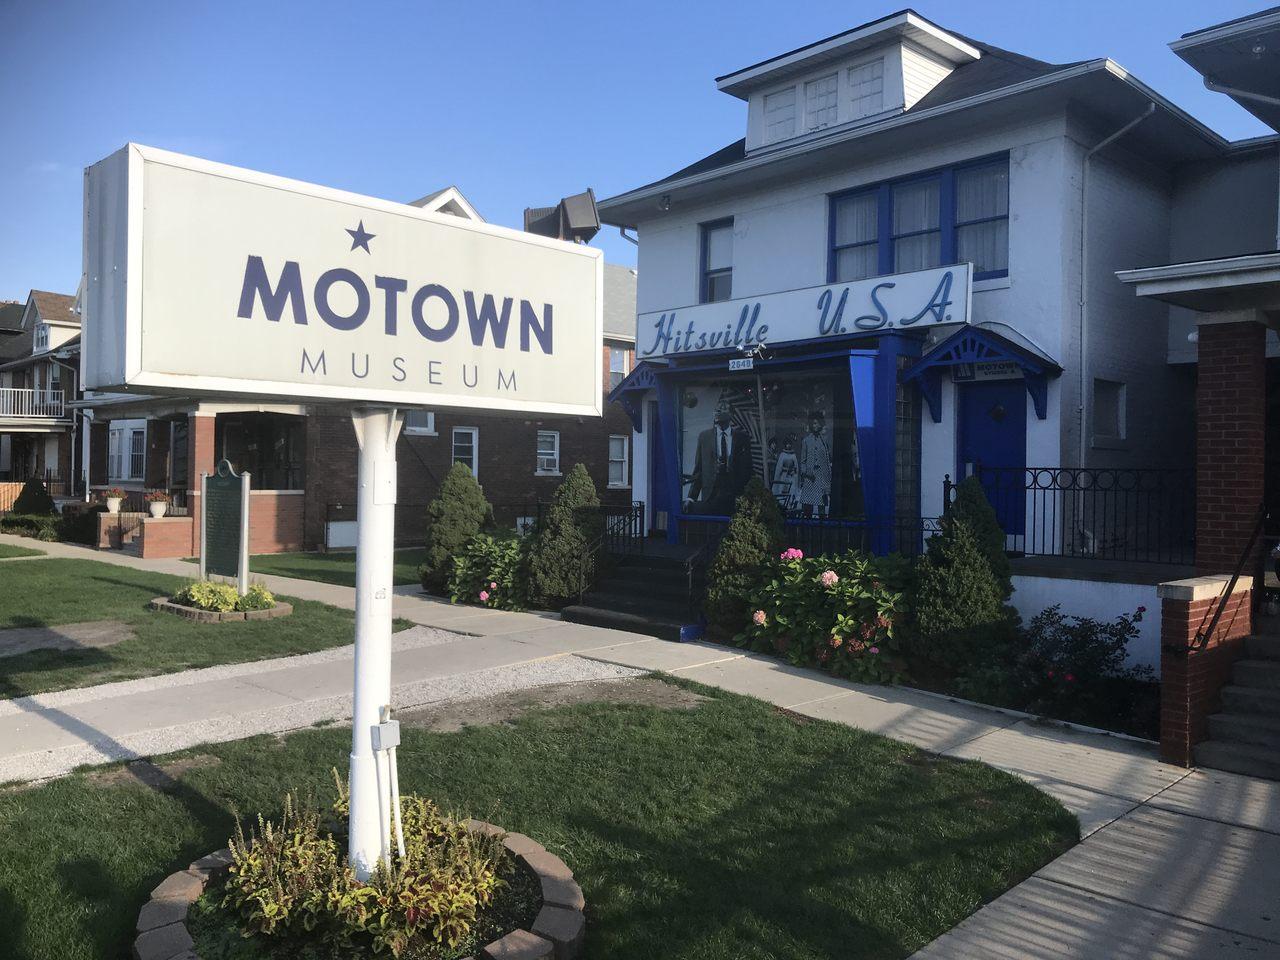 Mowtown museum, Detroit